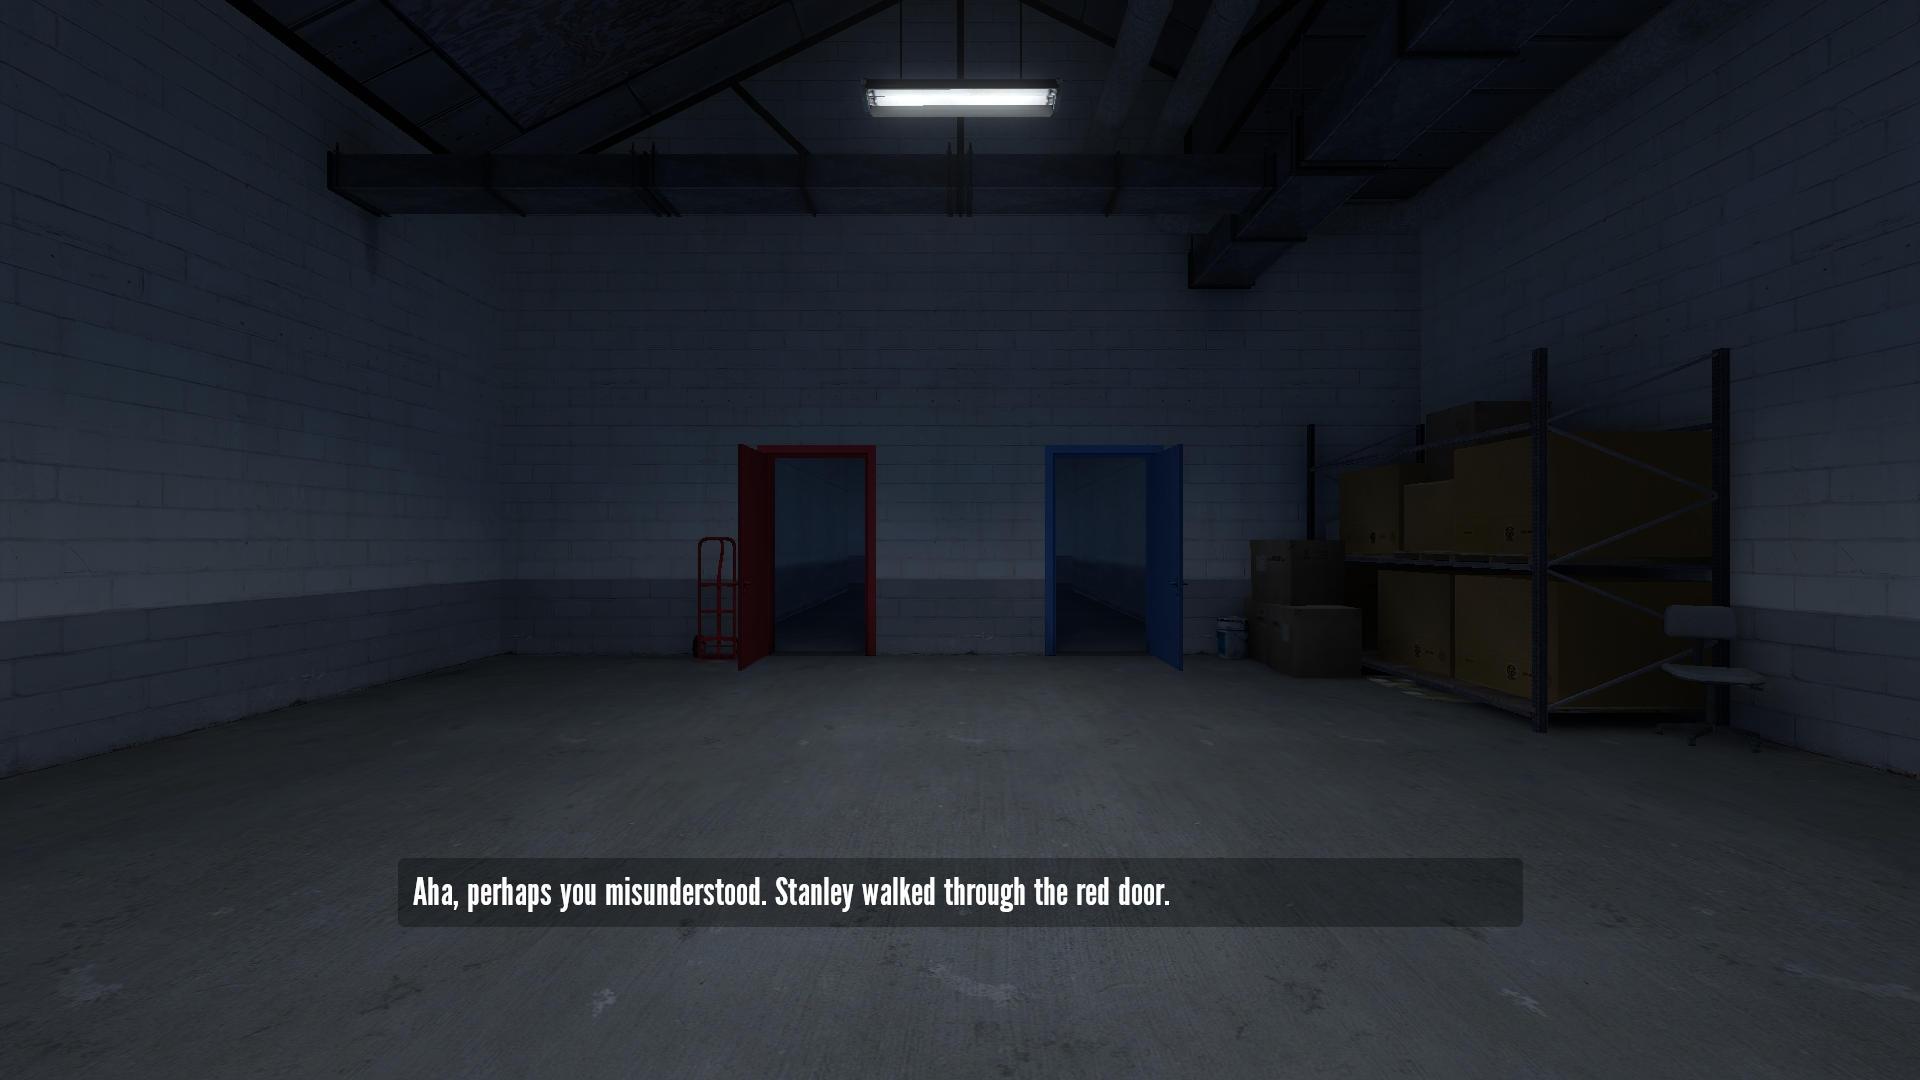 ナレーターは「『Stanley』は赤のドアを選んだ」と話すが、無視して青のドアを選ぶと何度もシーンをやり直させられ、最終的に目の前には赤のドアしかなくなる